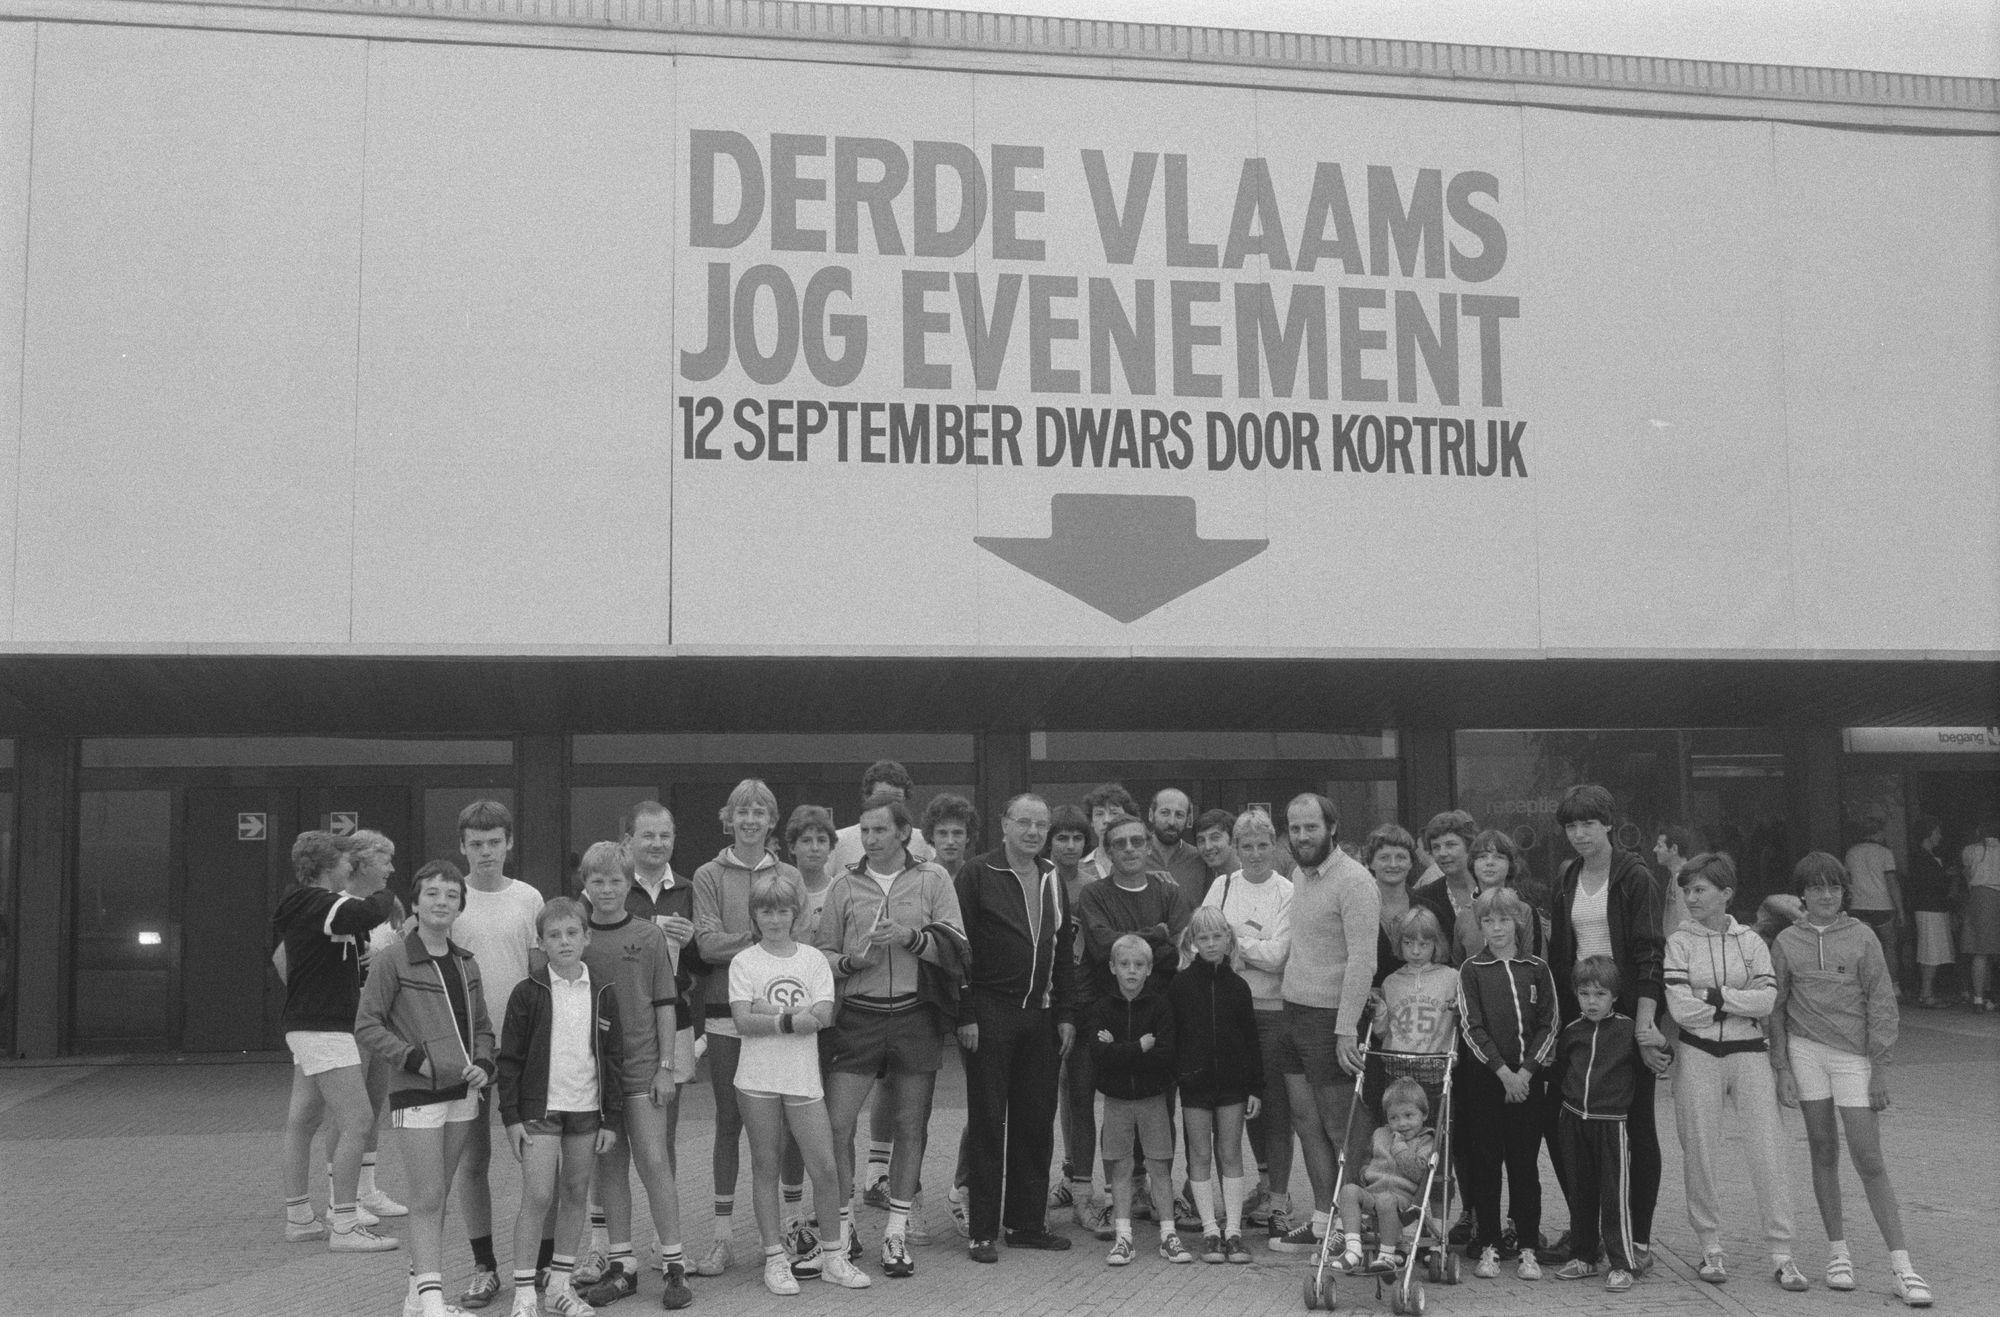 Derde Vlaams jogging evenement